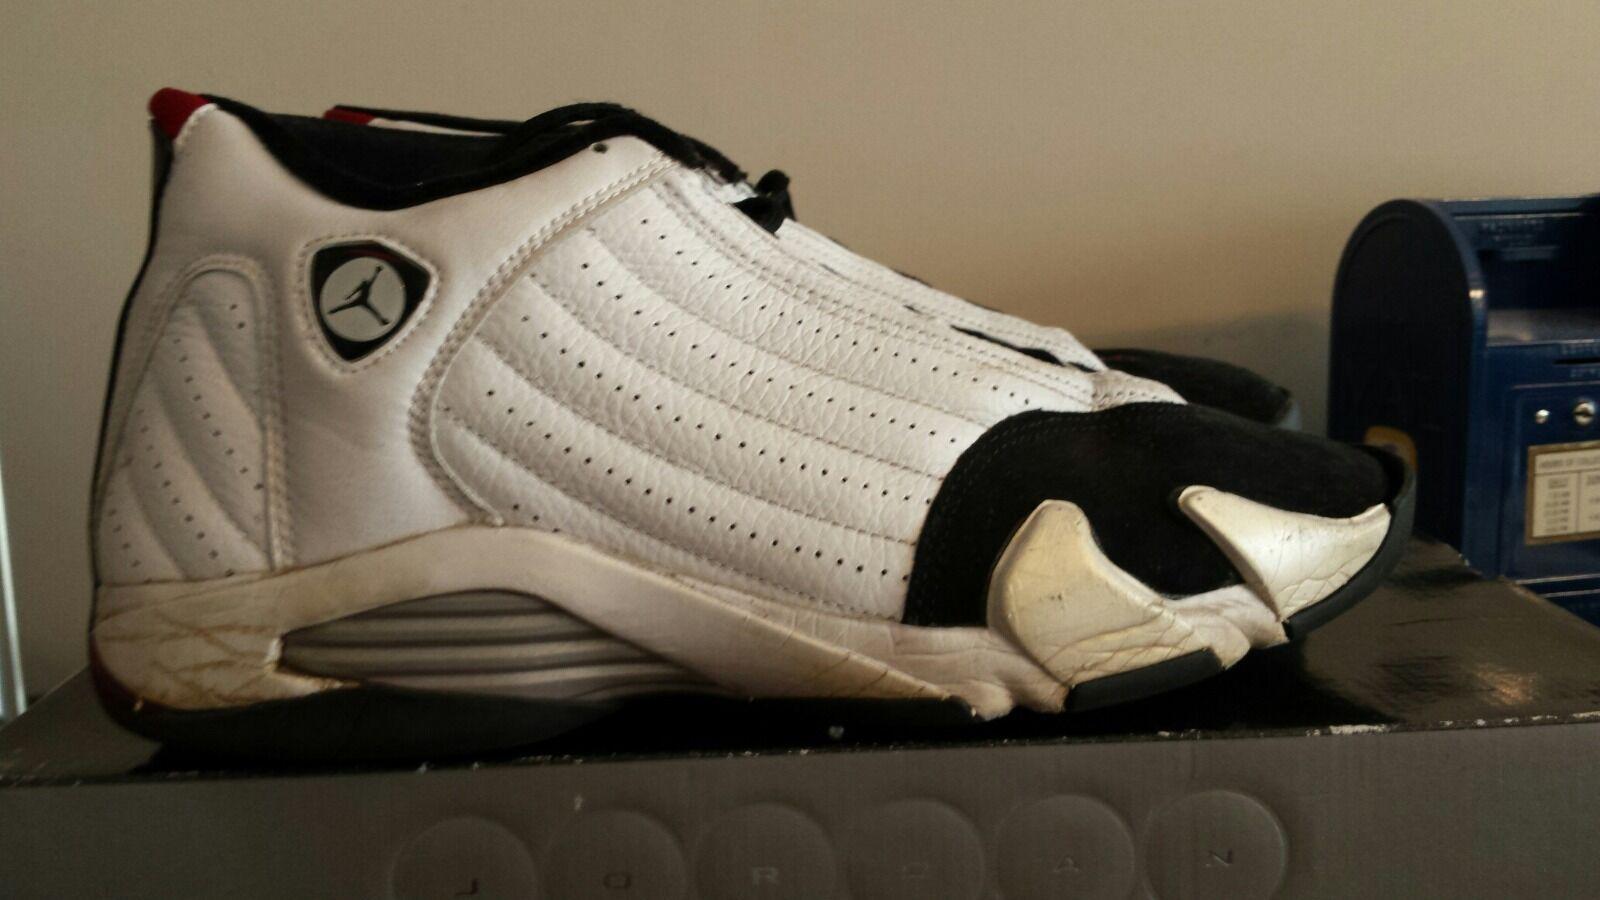 Men's Size 12 Air Jordan 2006 Retro 14 Black Toe 2006 Jordan RARE Jeter OG Bred Cement 76c559